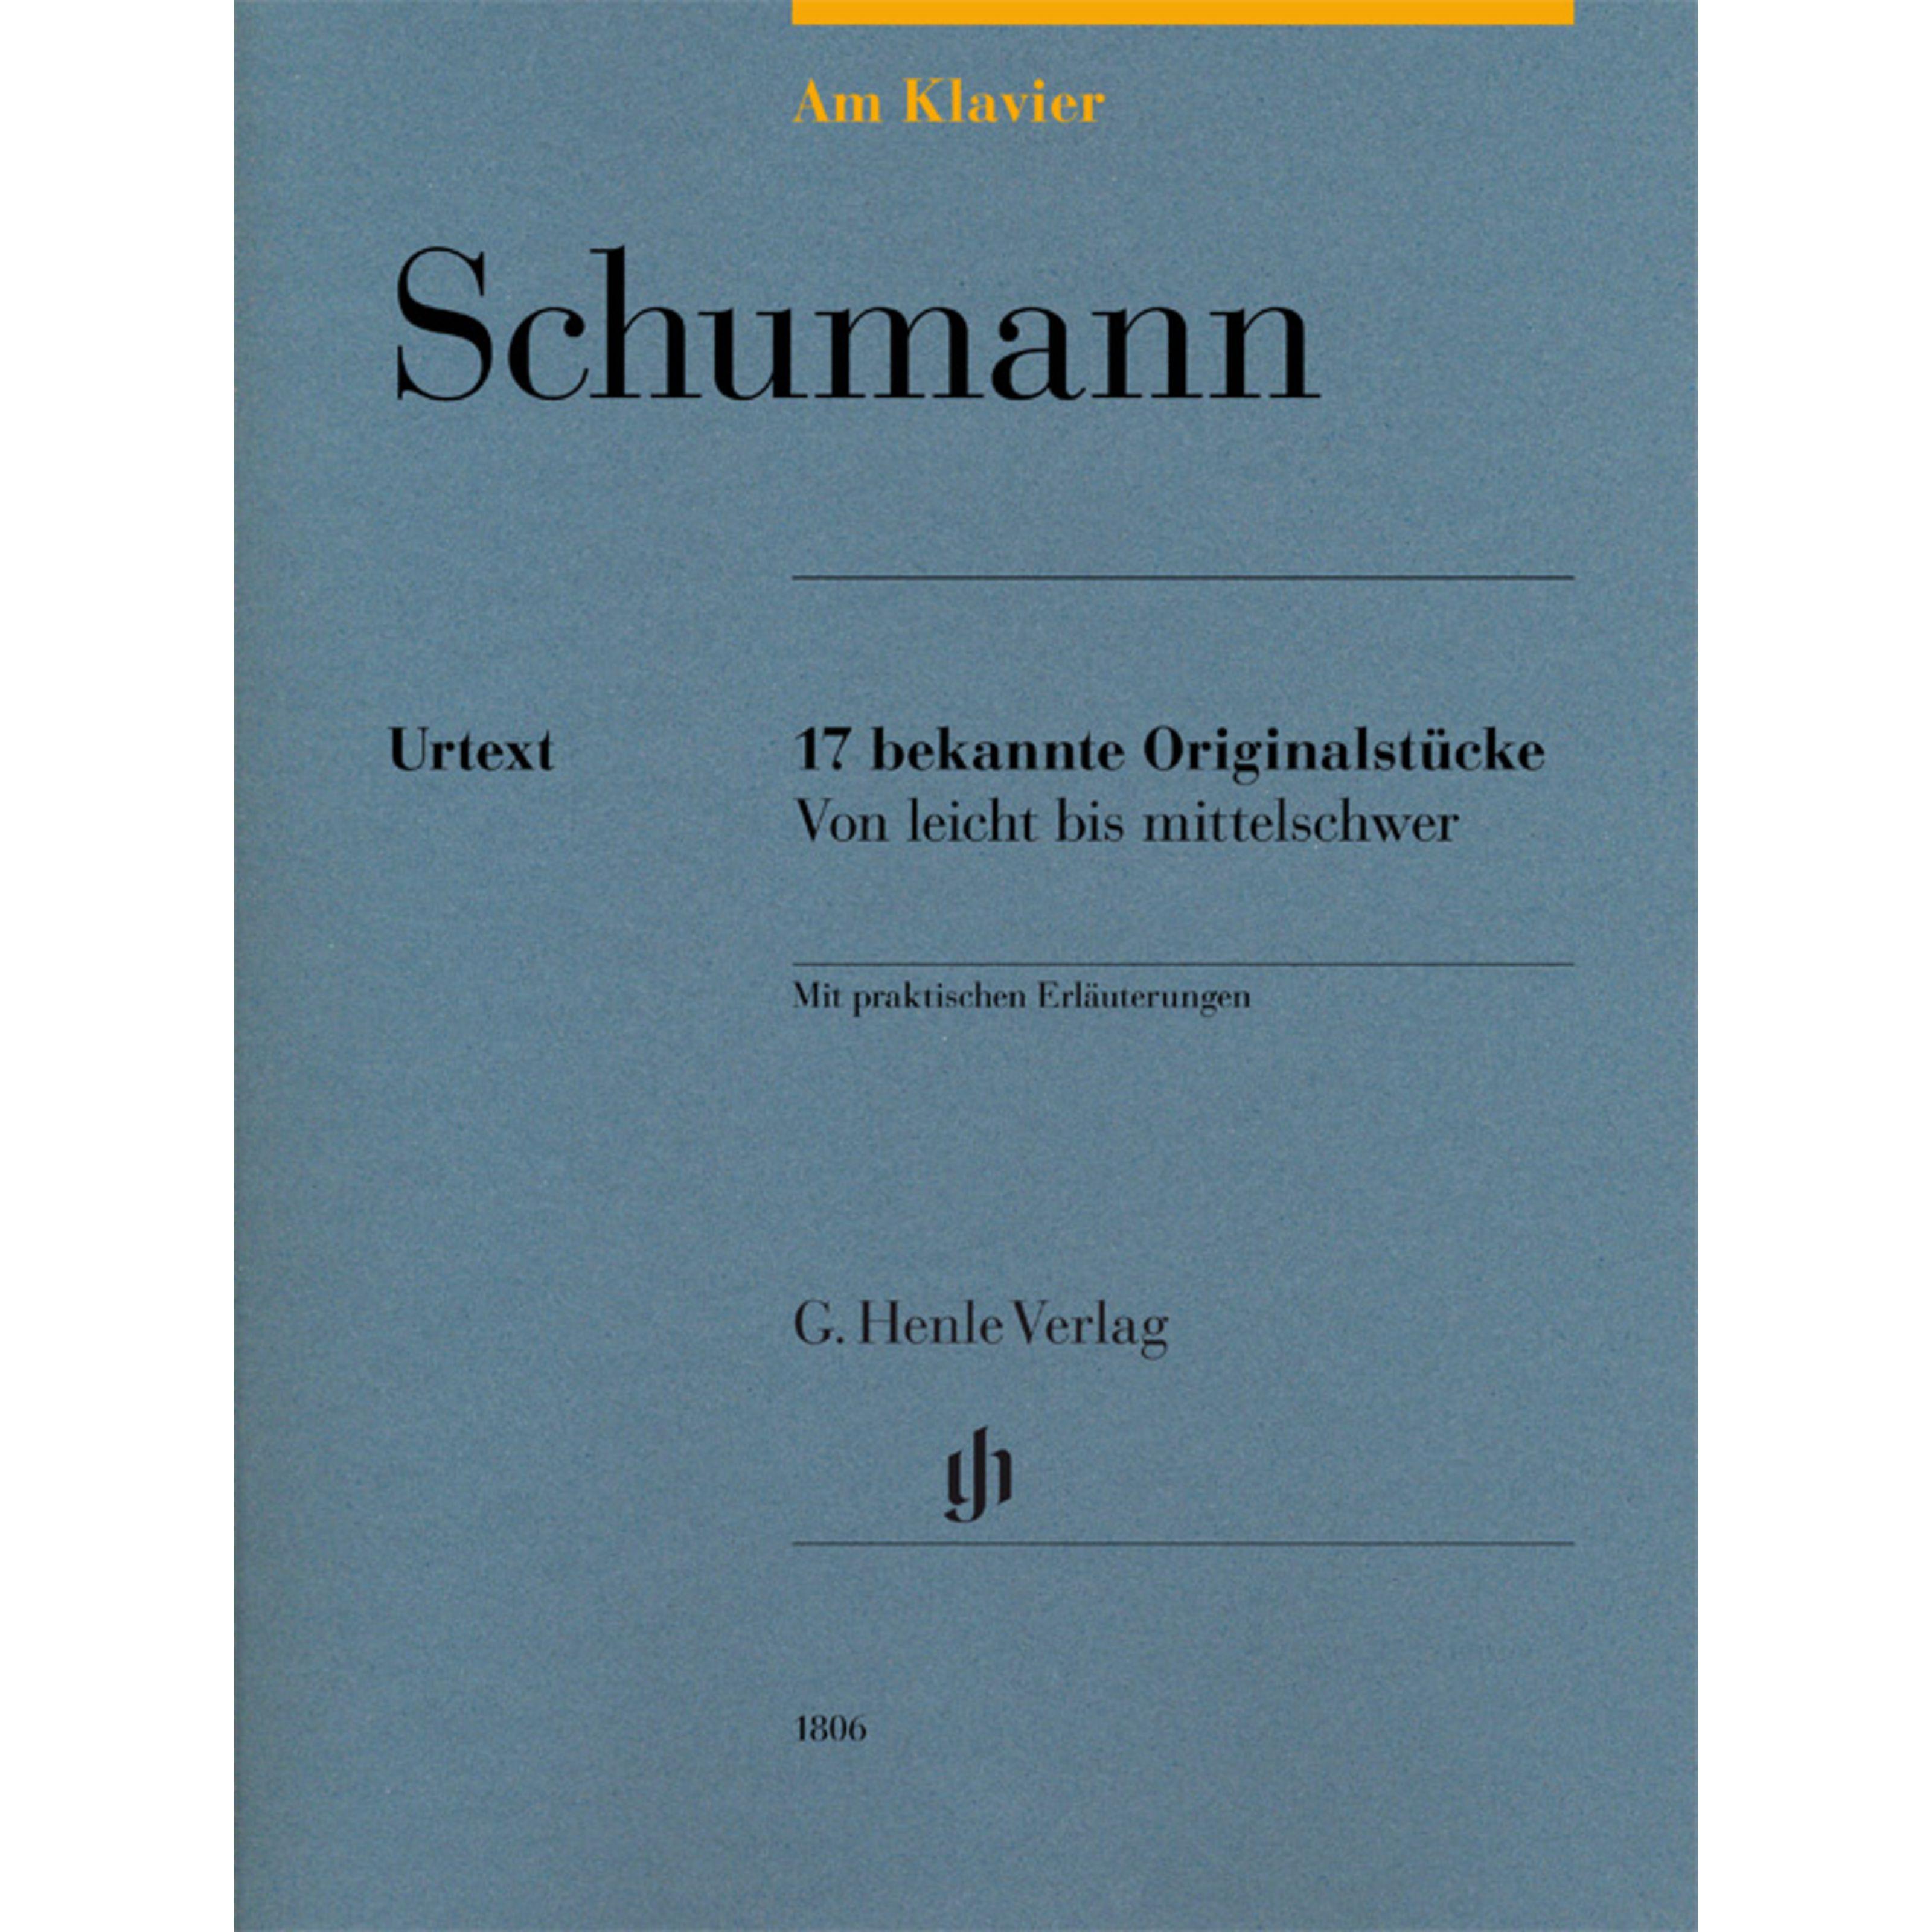 Henle Verlag - Robert Schumann: Am Klavier HN 1806